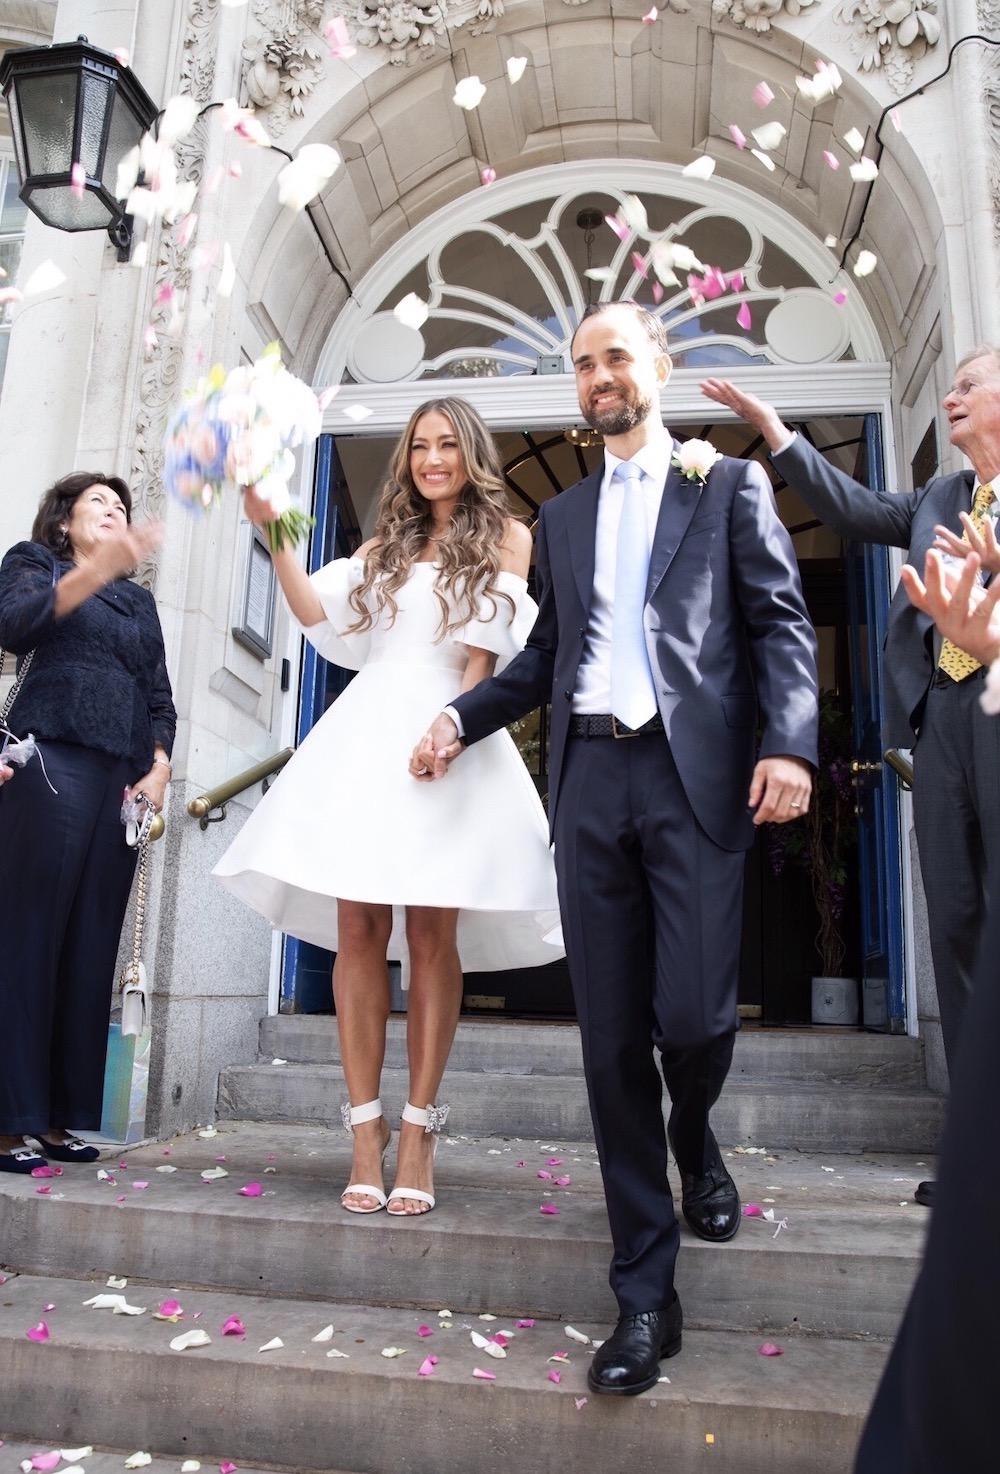 Suzanne Neville Aruna wedding dress